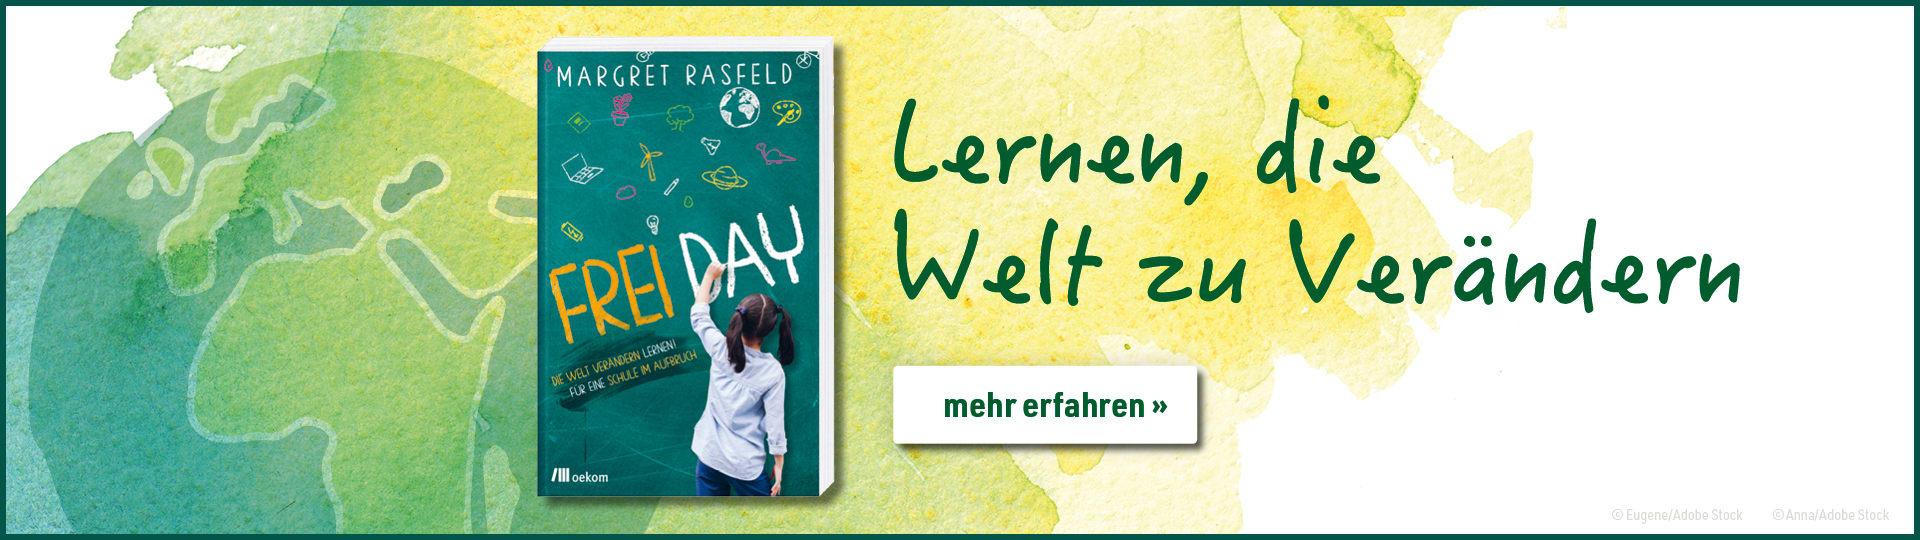 Werbebanner zum Buch »FREI DAY